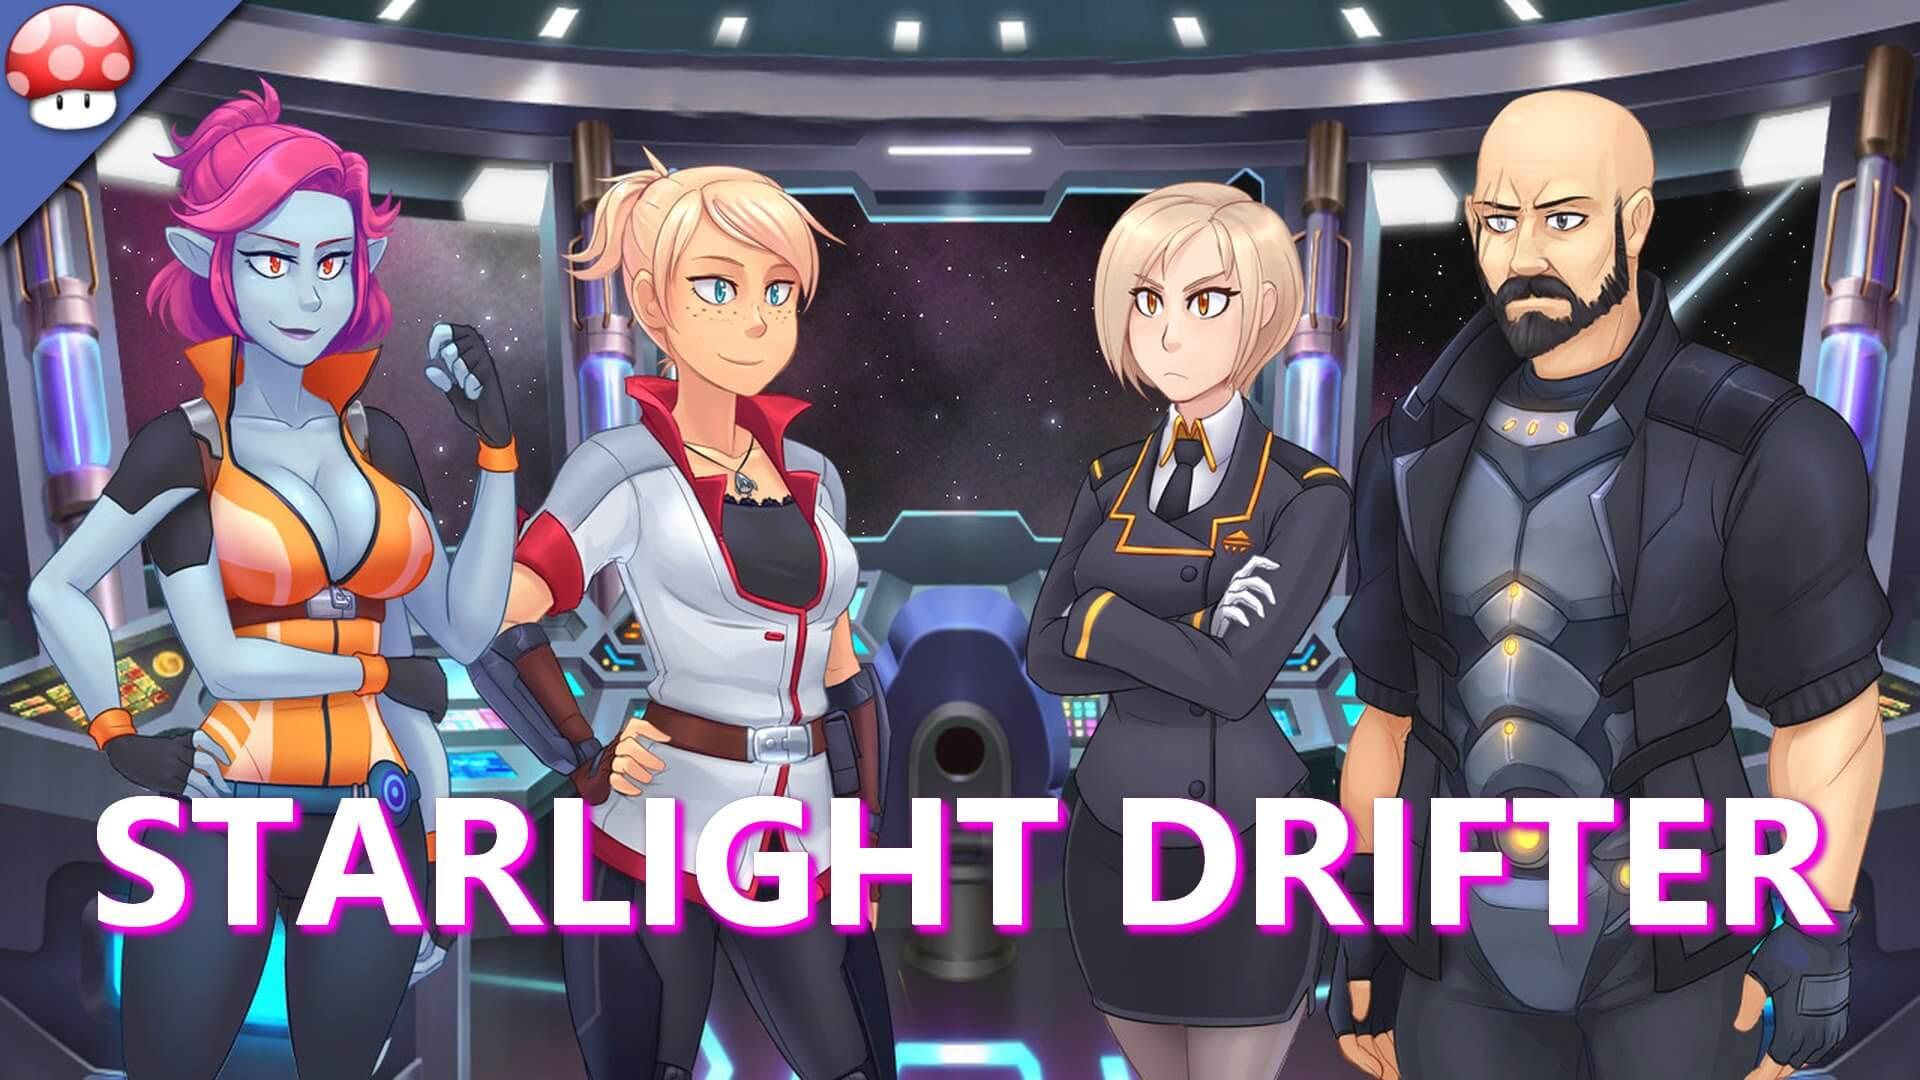 Hình ảnh Starlight_Drifter in Loạt Game nhập vai mobile sắp ra mắt dự kiến sẽ quẩy hết mình trong tháng 7 này